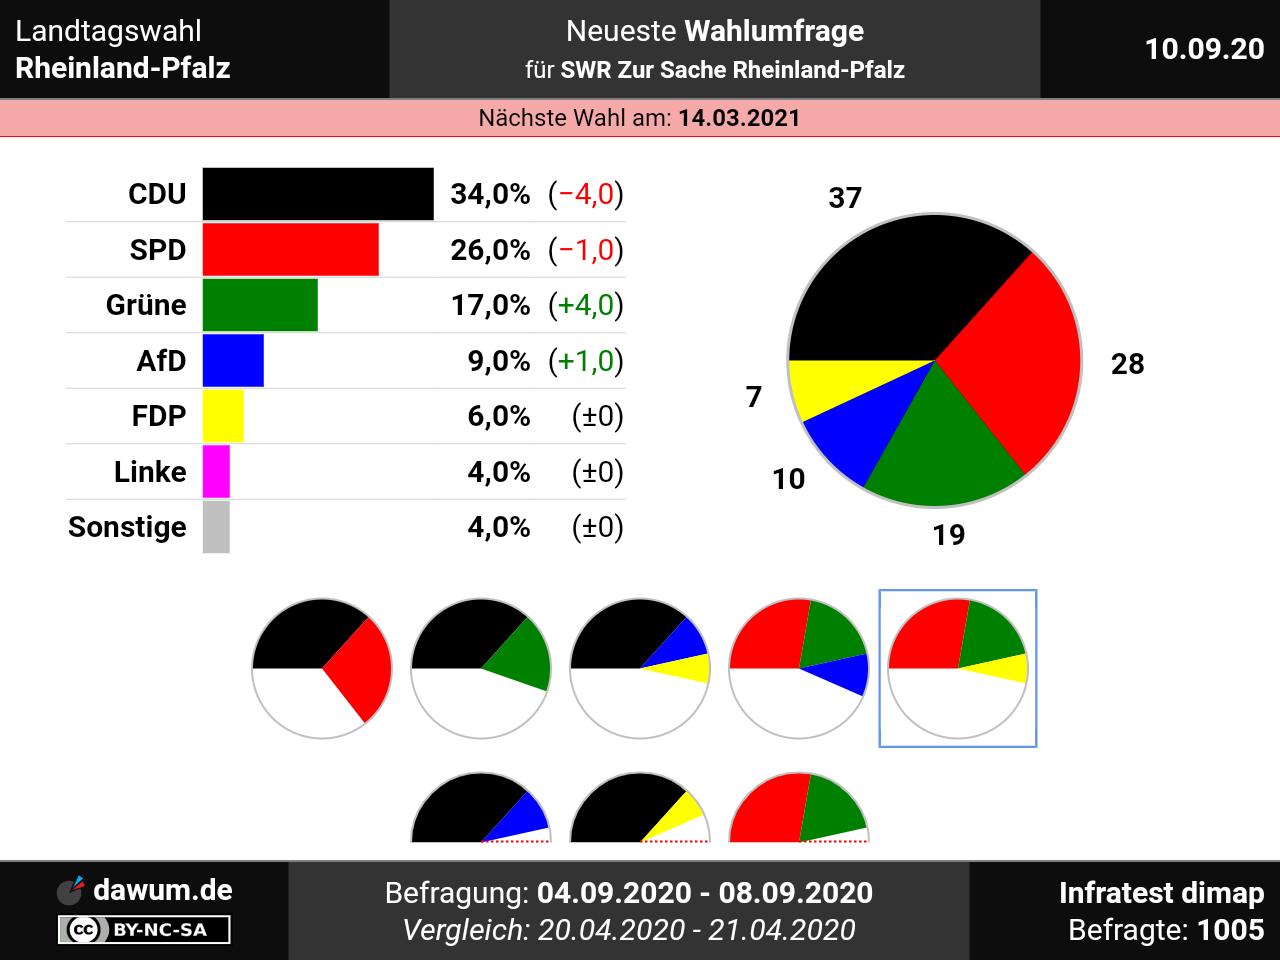 Radiofrequenzen Rheinland Pfalz